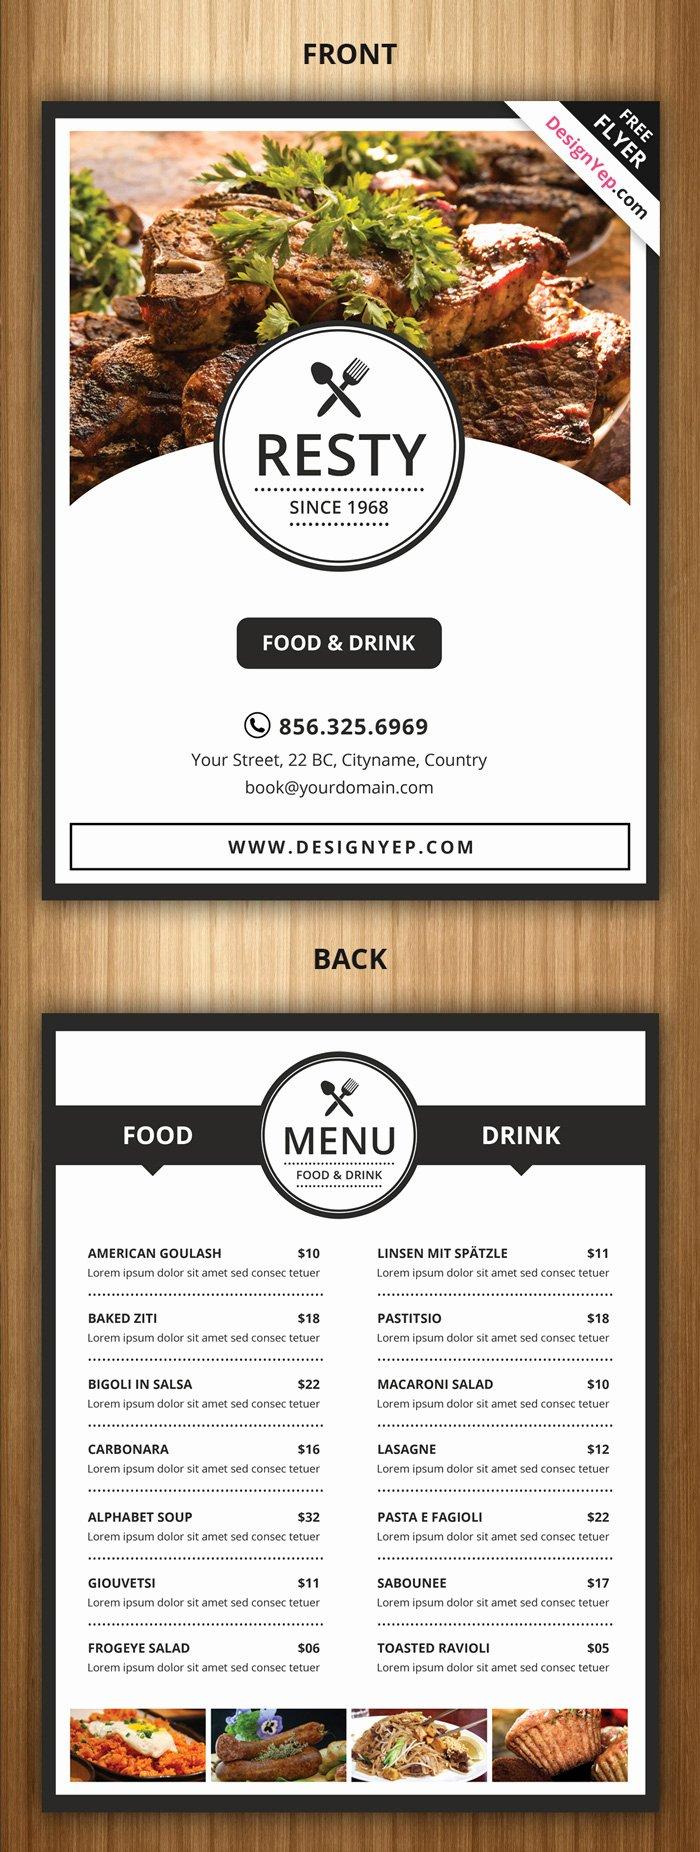 Free Catering Menu Templates Beautiful 21 Free Food Menu Templates for Restaurants Designyep